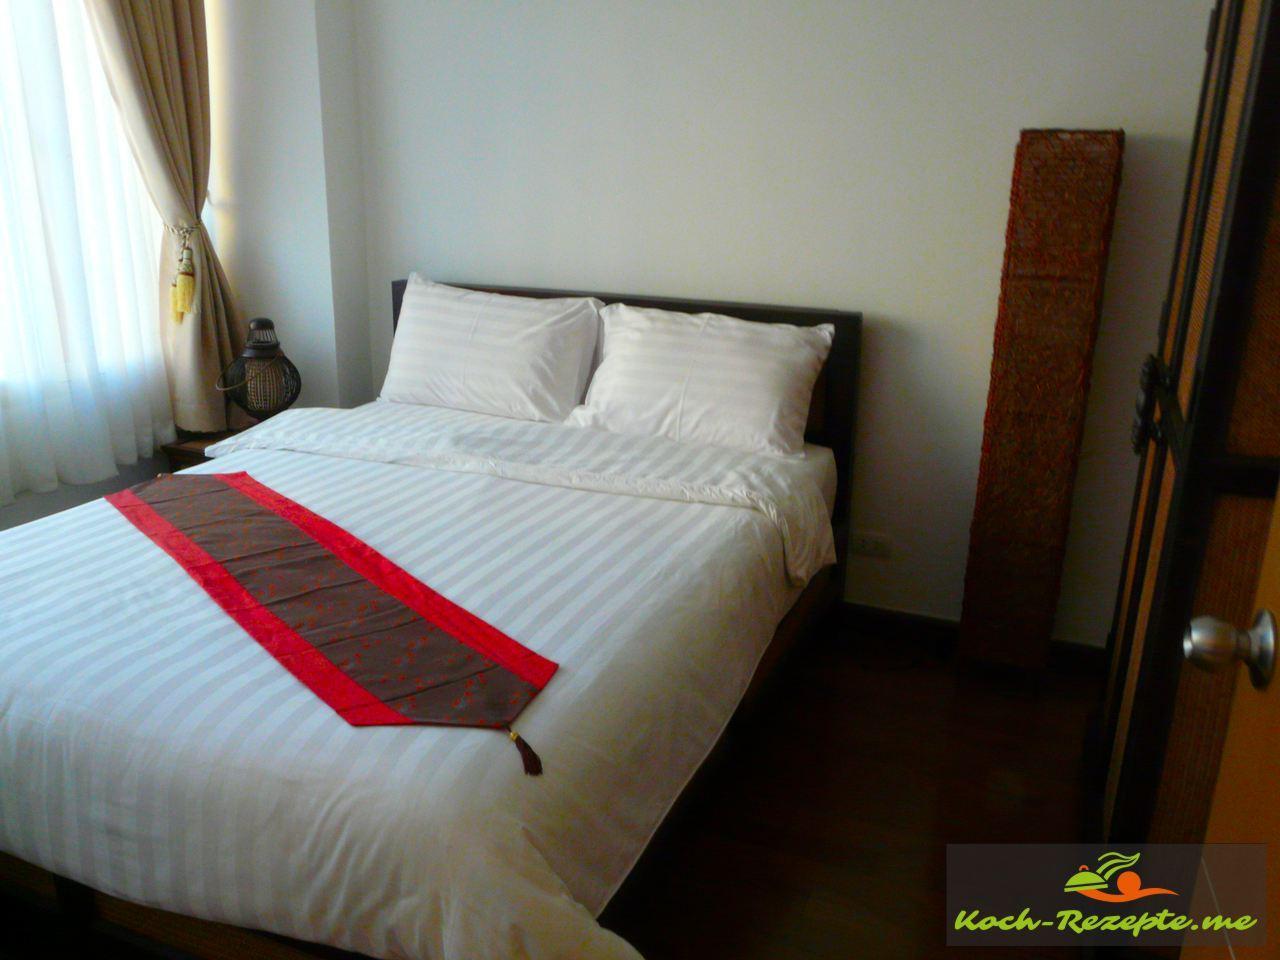 Zimmer-Wohnung (Studio), ideal für Single. Zu vermieten per Dezember Die günstige Zimmer-Wohnung (Studio) mit Nr. 92i an der Schlossmühlestrasse, Haus O Die Wohnung hat ein grosszügiges 32m2 Wohnzimmer.